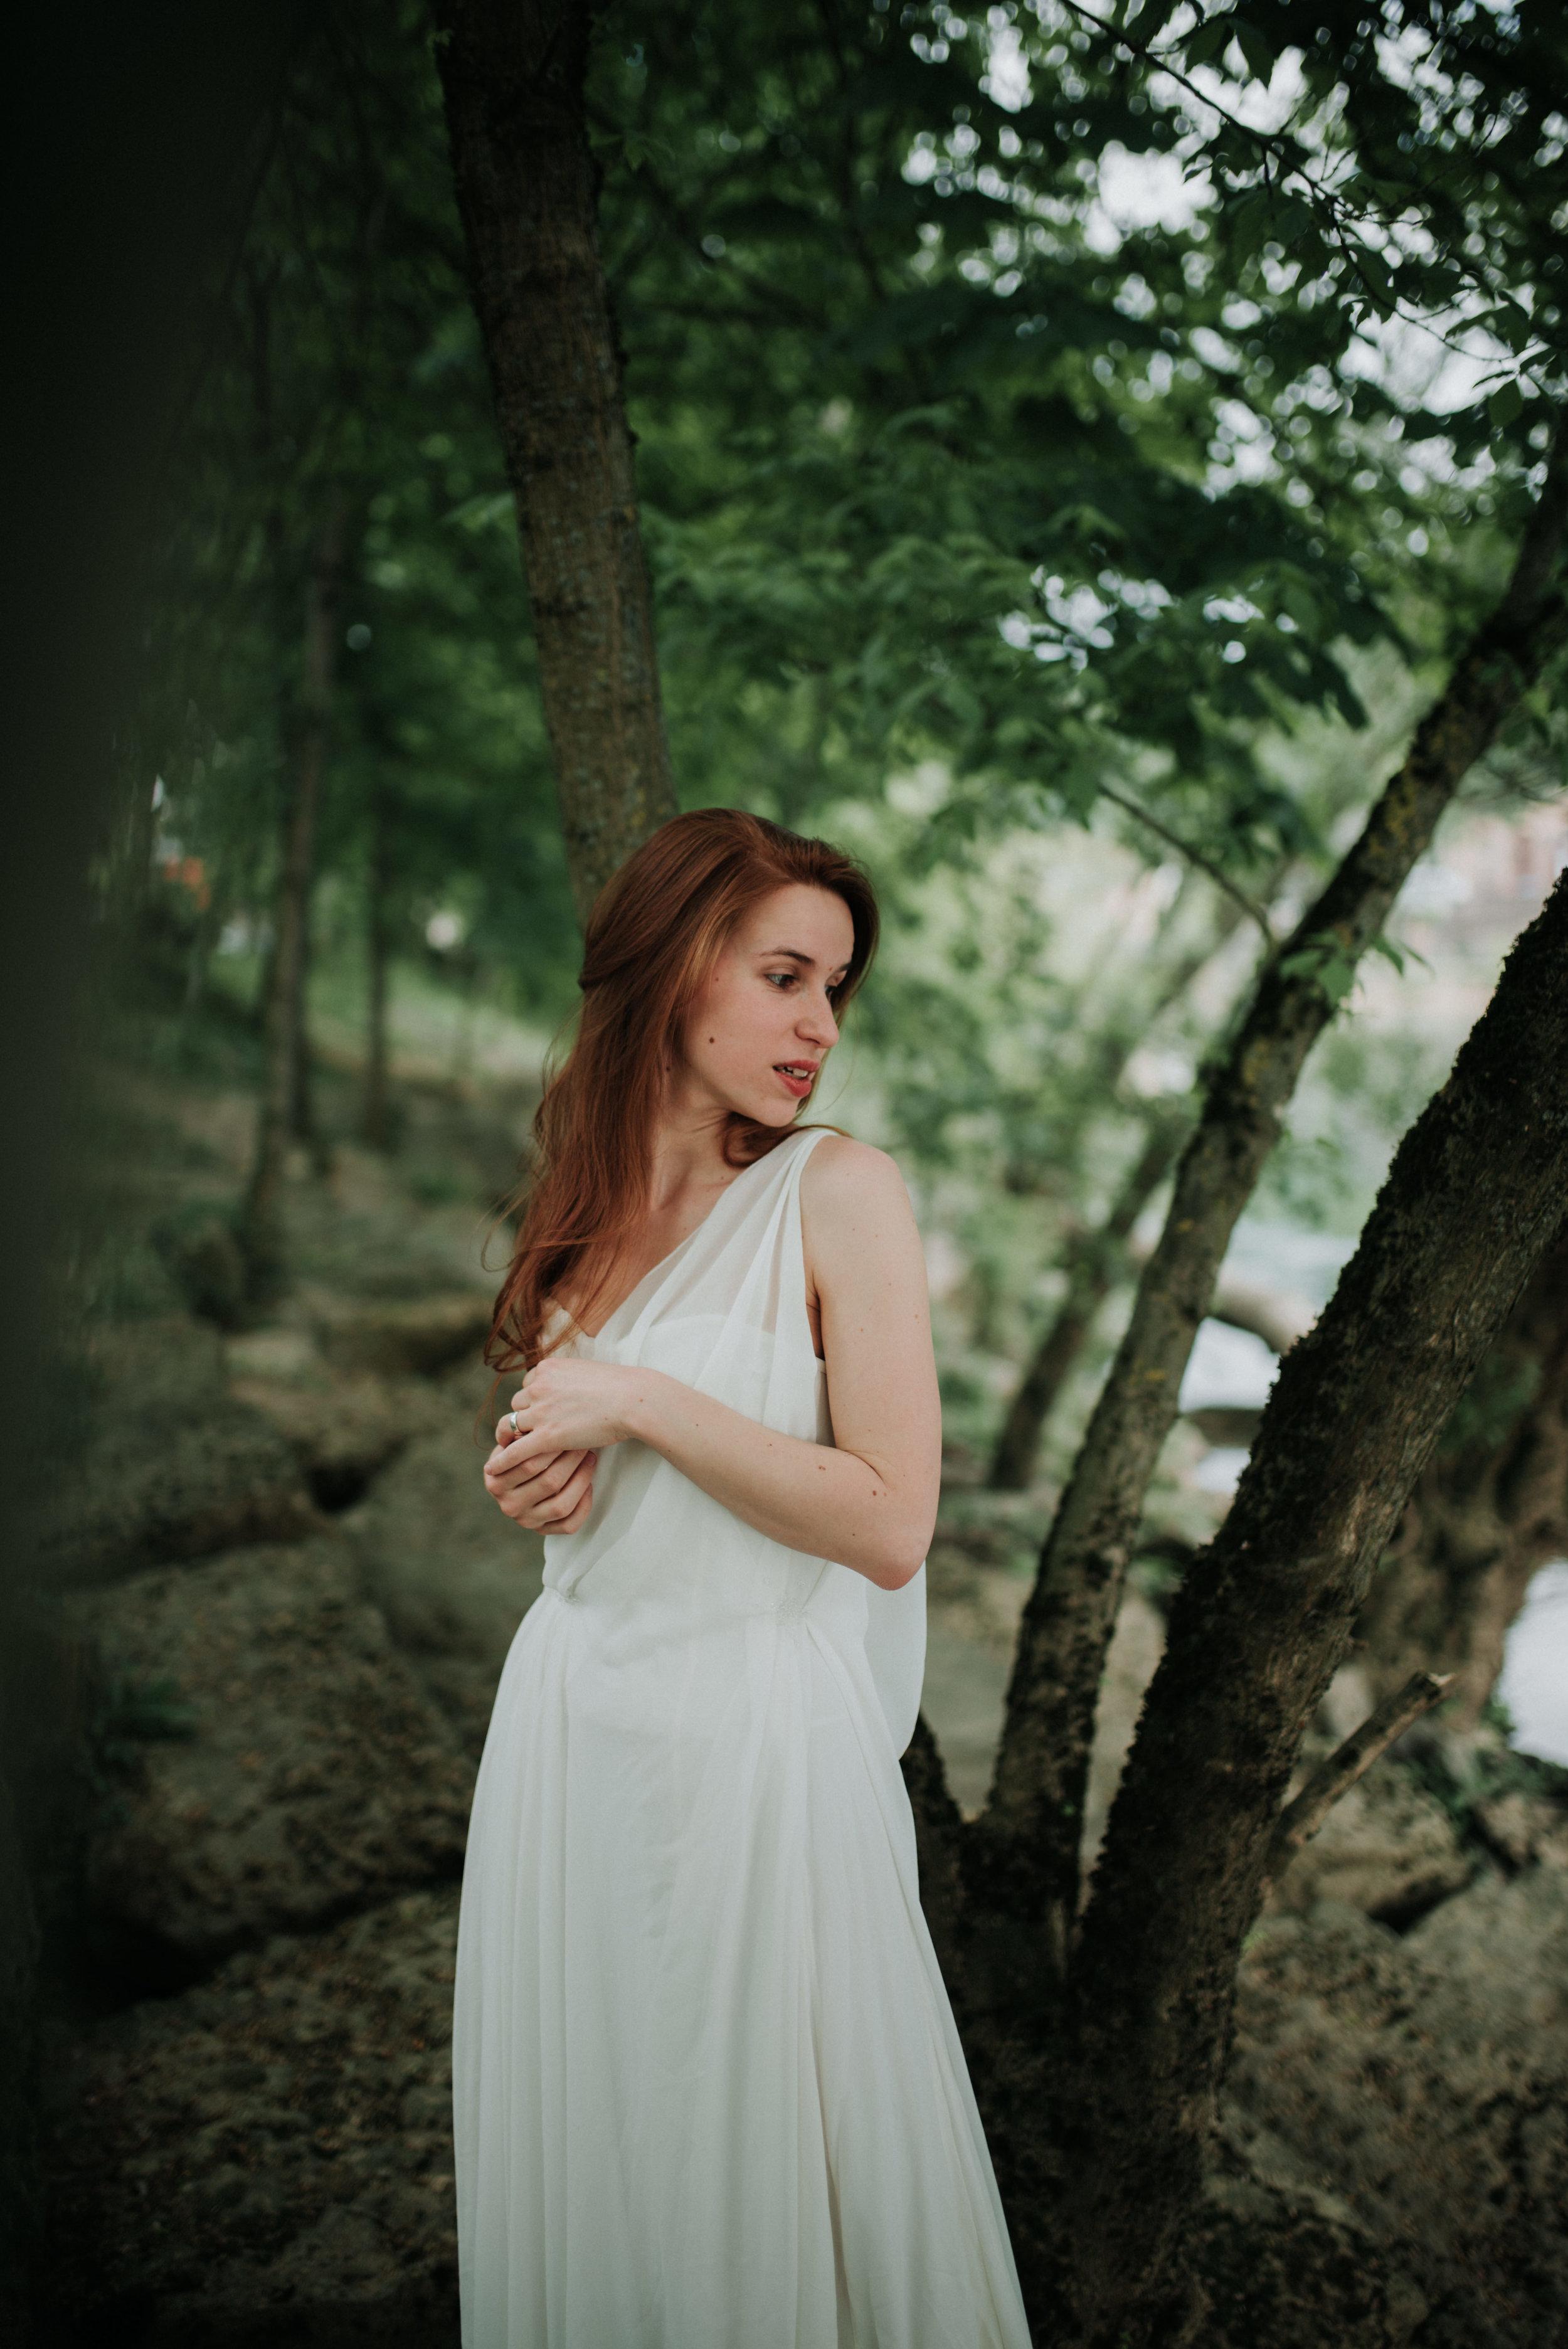 Léa-Fery-photographe-professionnel-lyon-rhone-alpes-portrait-creation-mariage-evenement-evenementiel-famille-8410.jpg